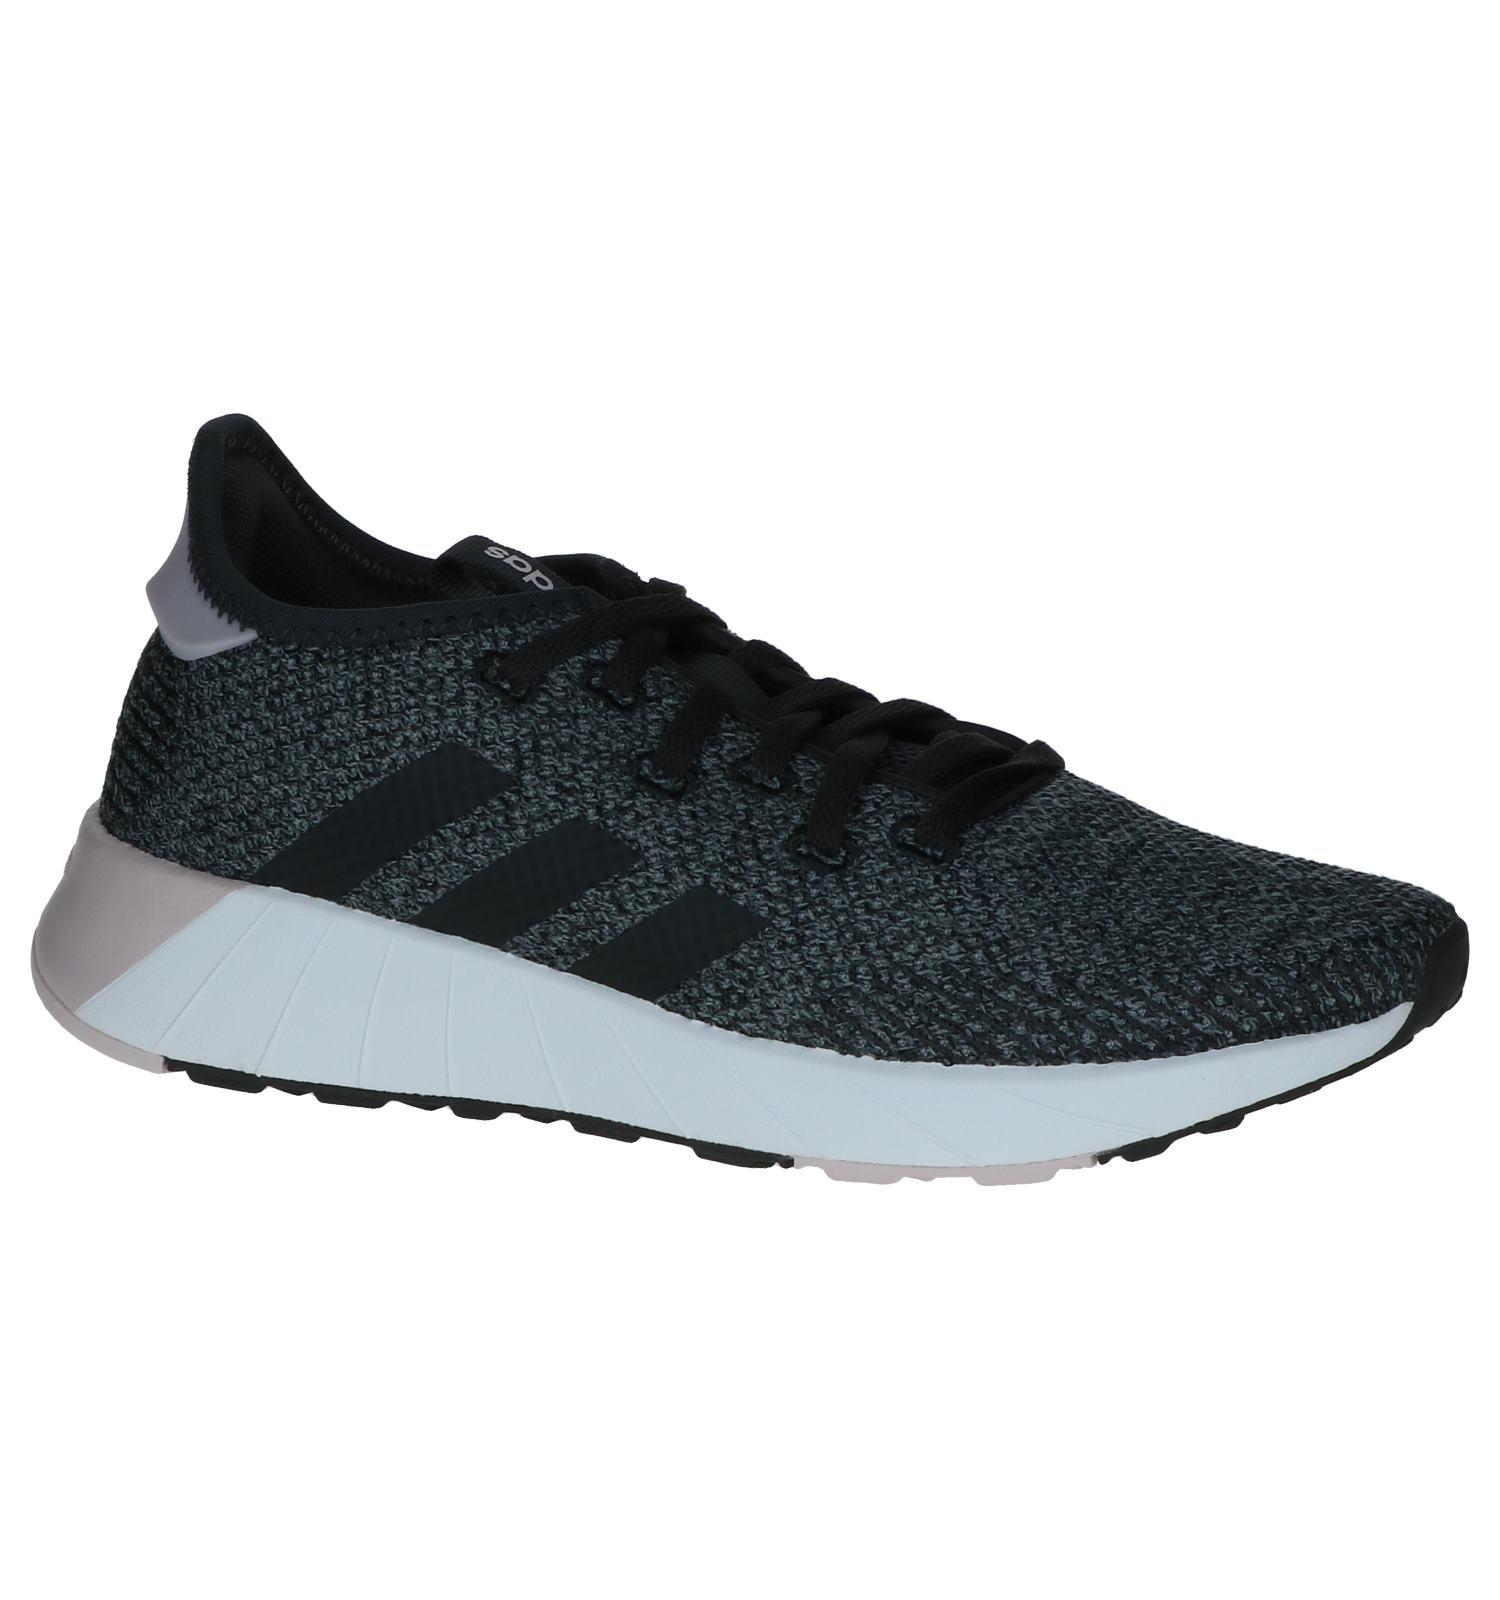 En Byd Sneakers X Torfs Gratis Questar Adidas be Grijze Verzend wzPtIqq